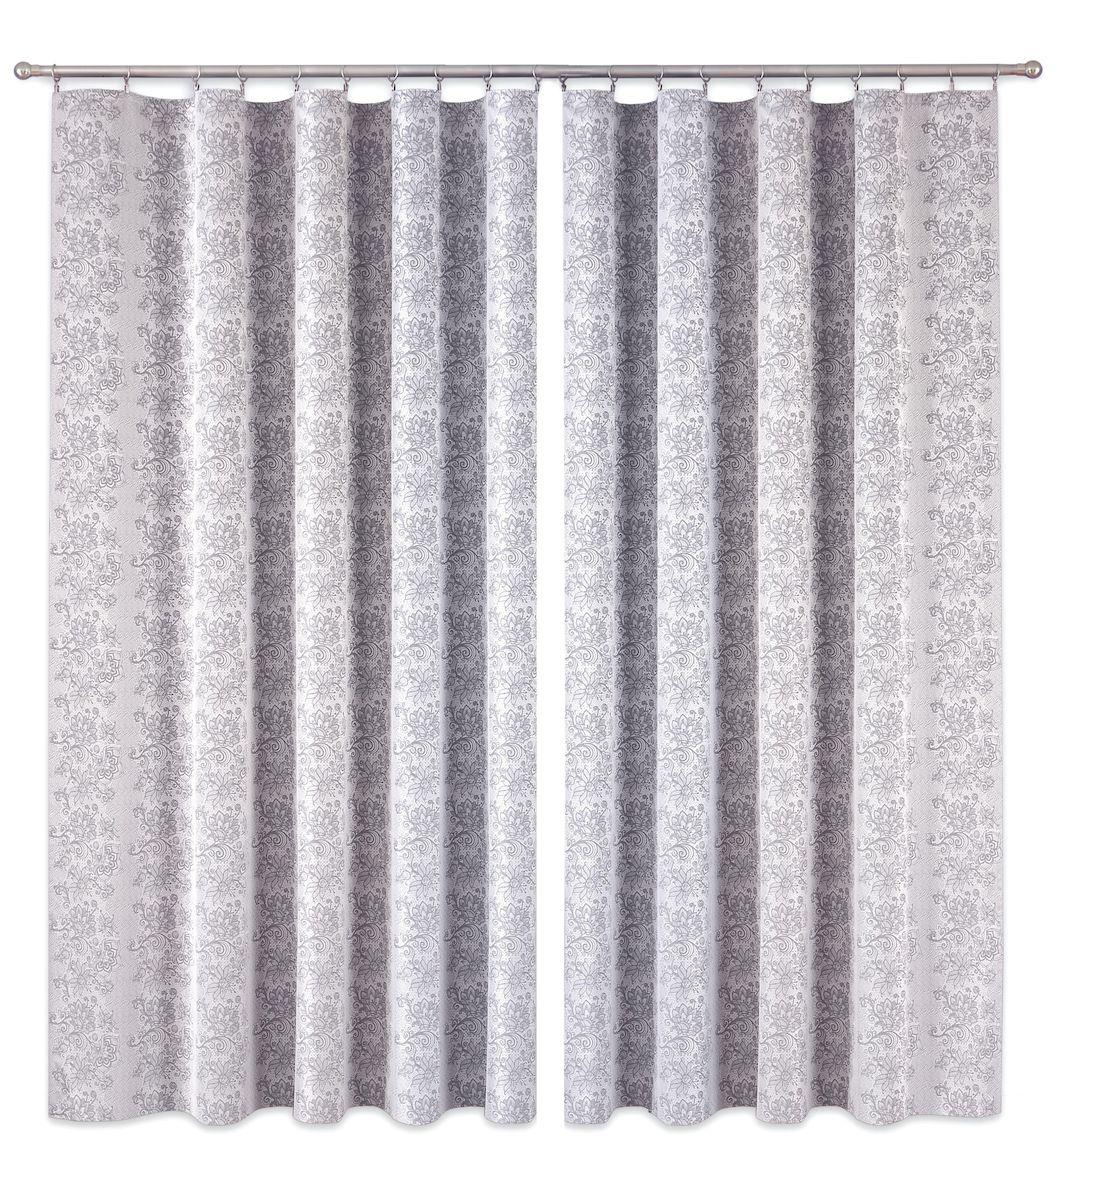 Комплект штор P Primavera Firany, цвет: серый, высота 260 см. 111001639111650630Комплект шториз полиэстровой жаккардовой ткани с пришитой шторнойлентой. Размер - ширина 180 см высота 260см. Набор 2 штуки. Цвет серый.Размер: ширина 180 х высота 260